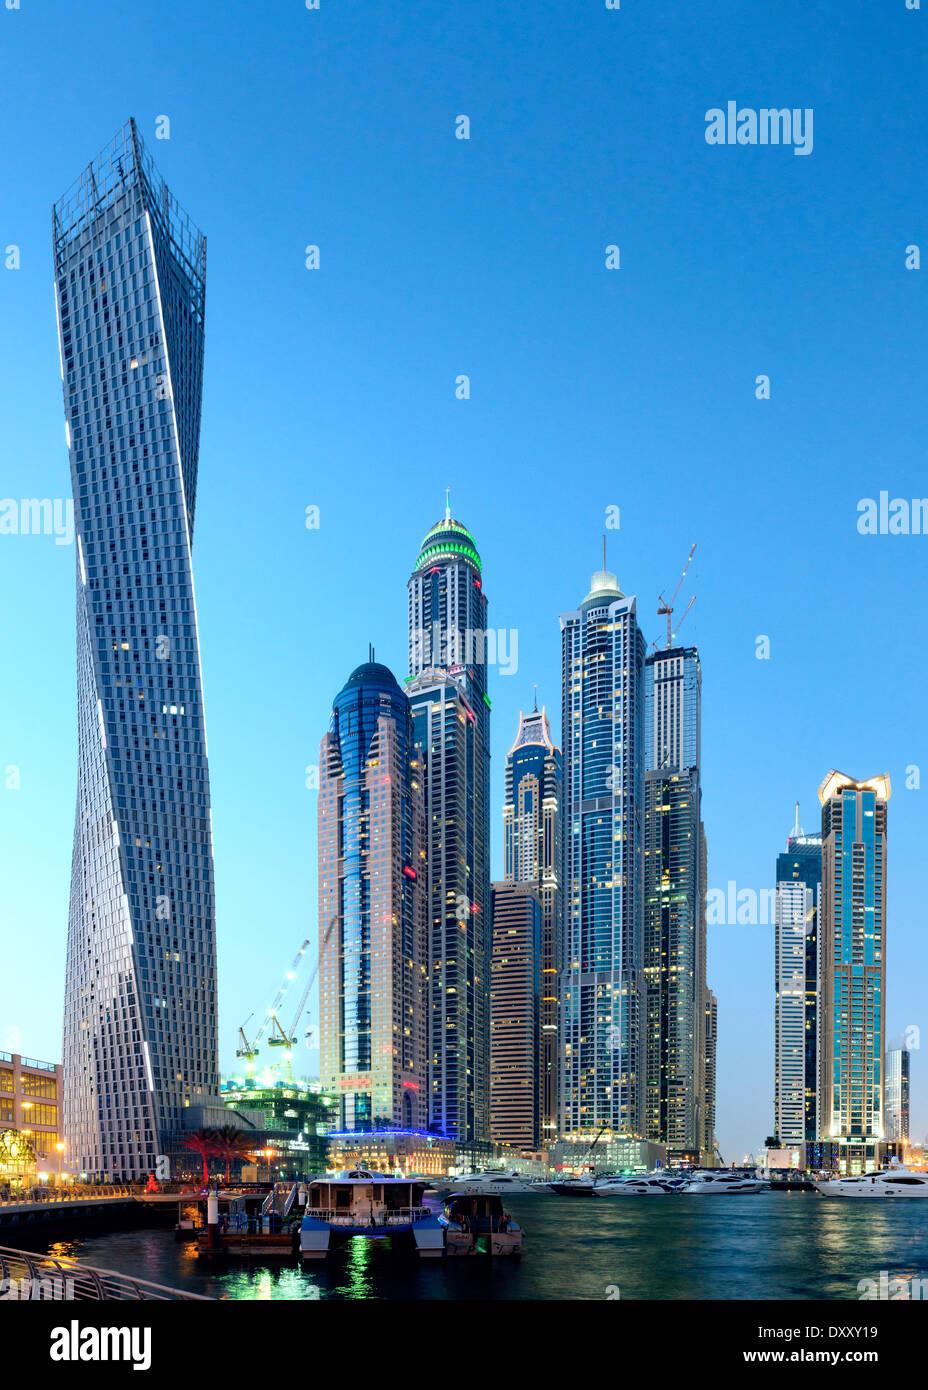 Vue sur l'horizon crépusculaire de gratte-ciel modernes dans quartier du port de plaisance de Dubaï Émirats Arabes Unis Photo Stock